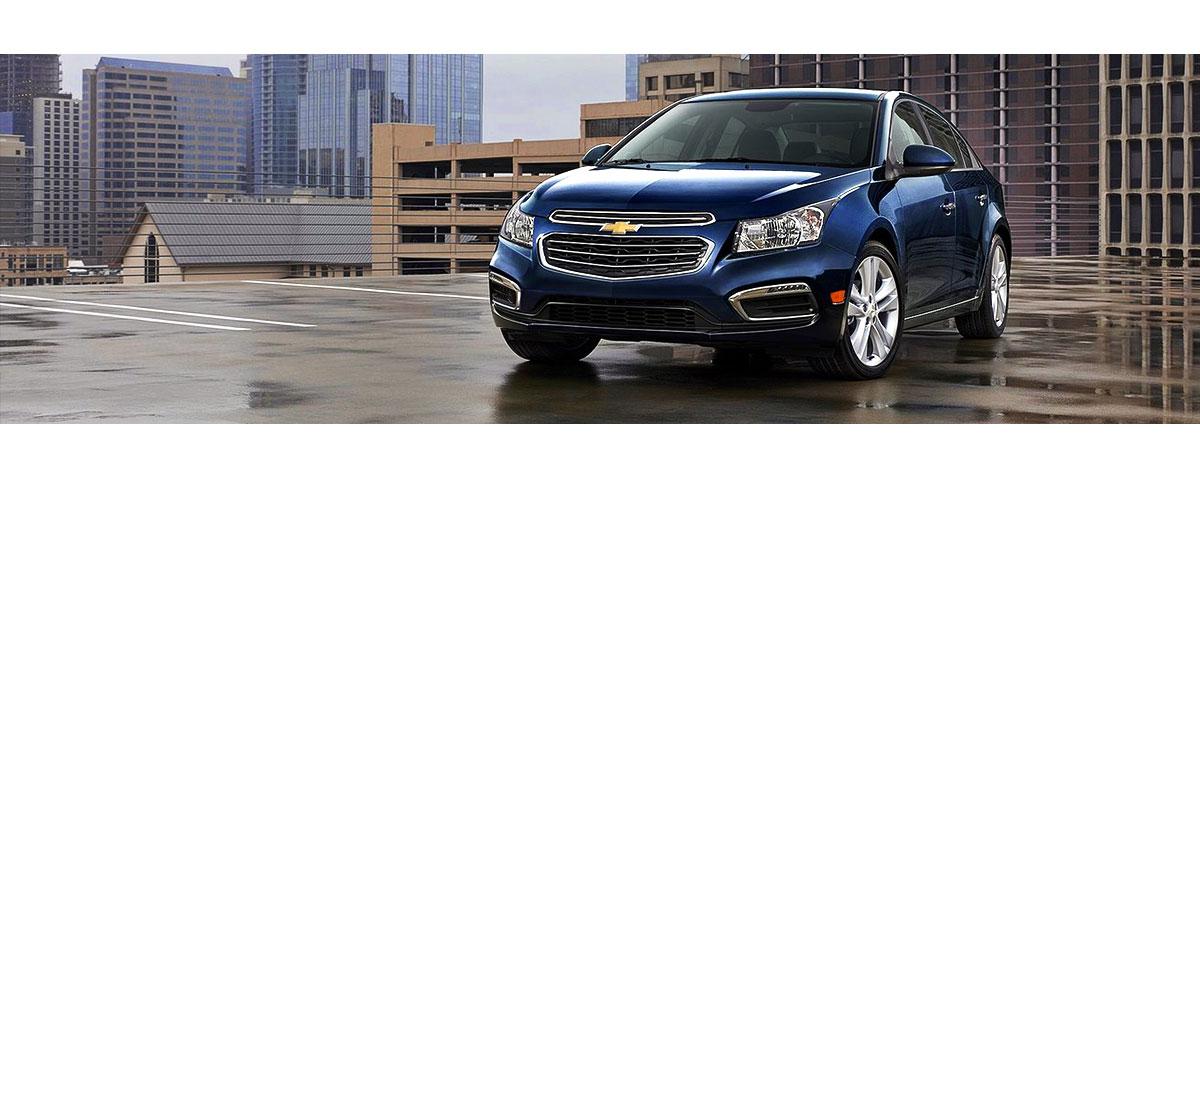 chevy chrysler car mi used chevrolet june graff traverse offers lansing new okemos dealership near dealer